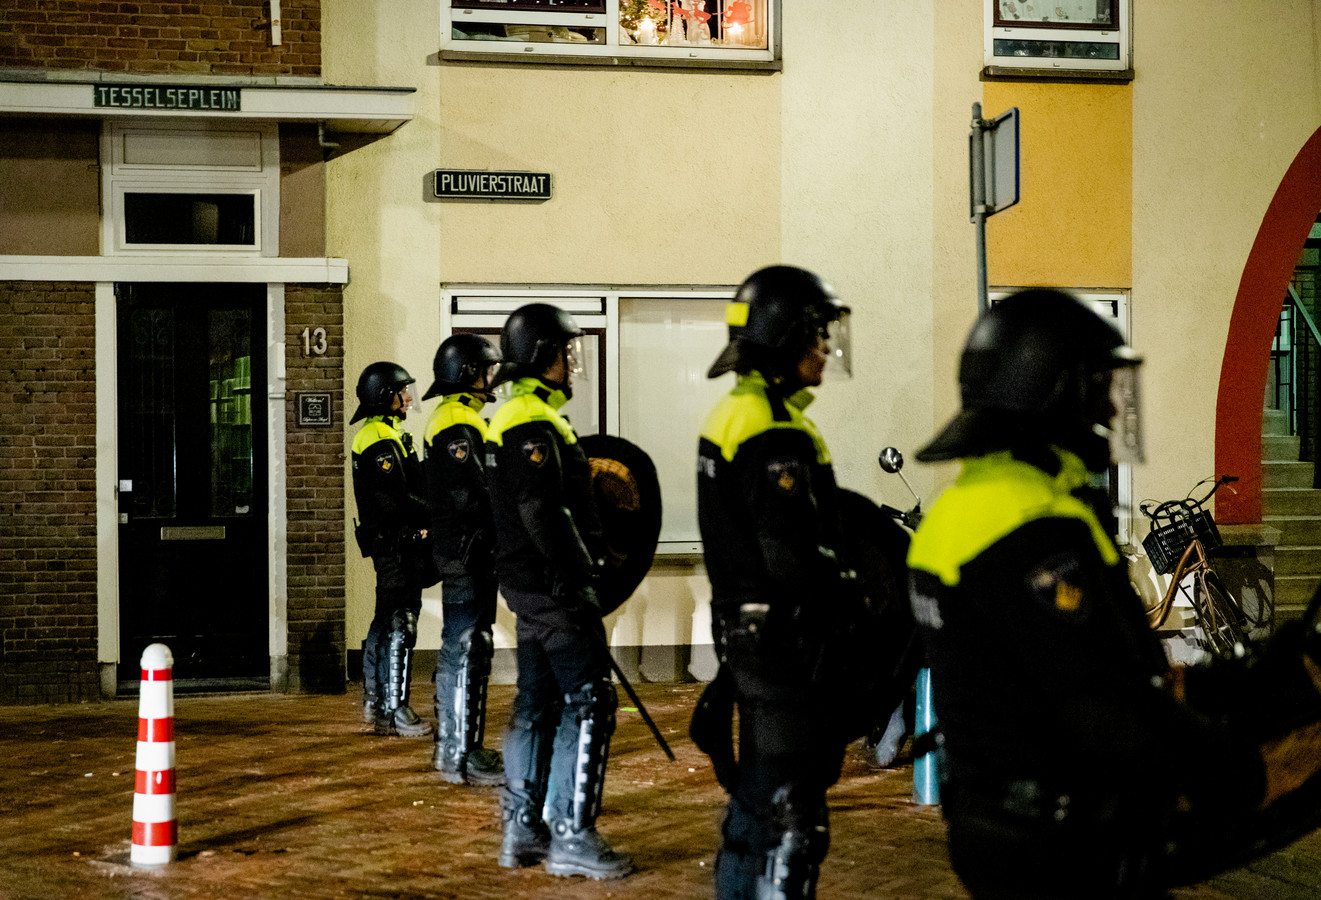 Politie in Duindorp maandagavond.